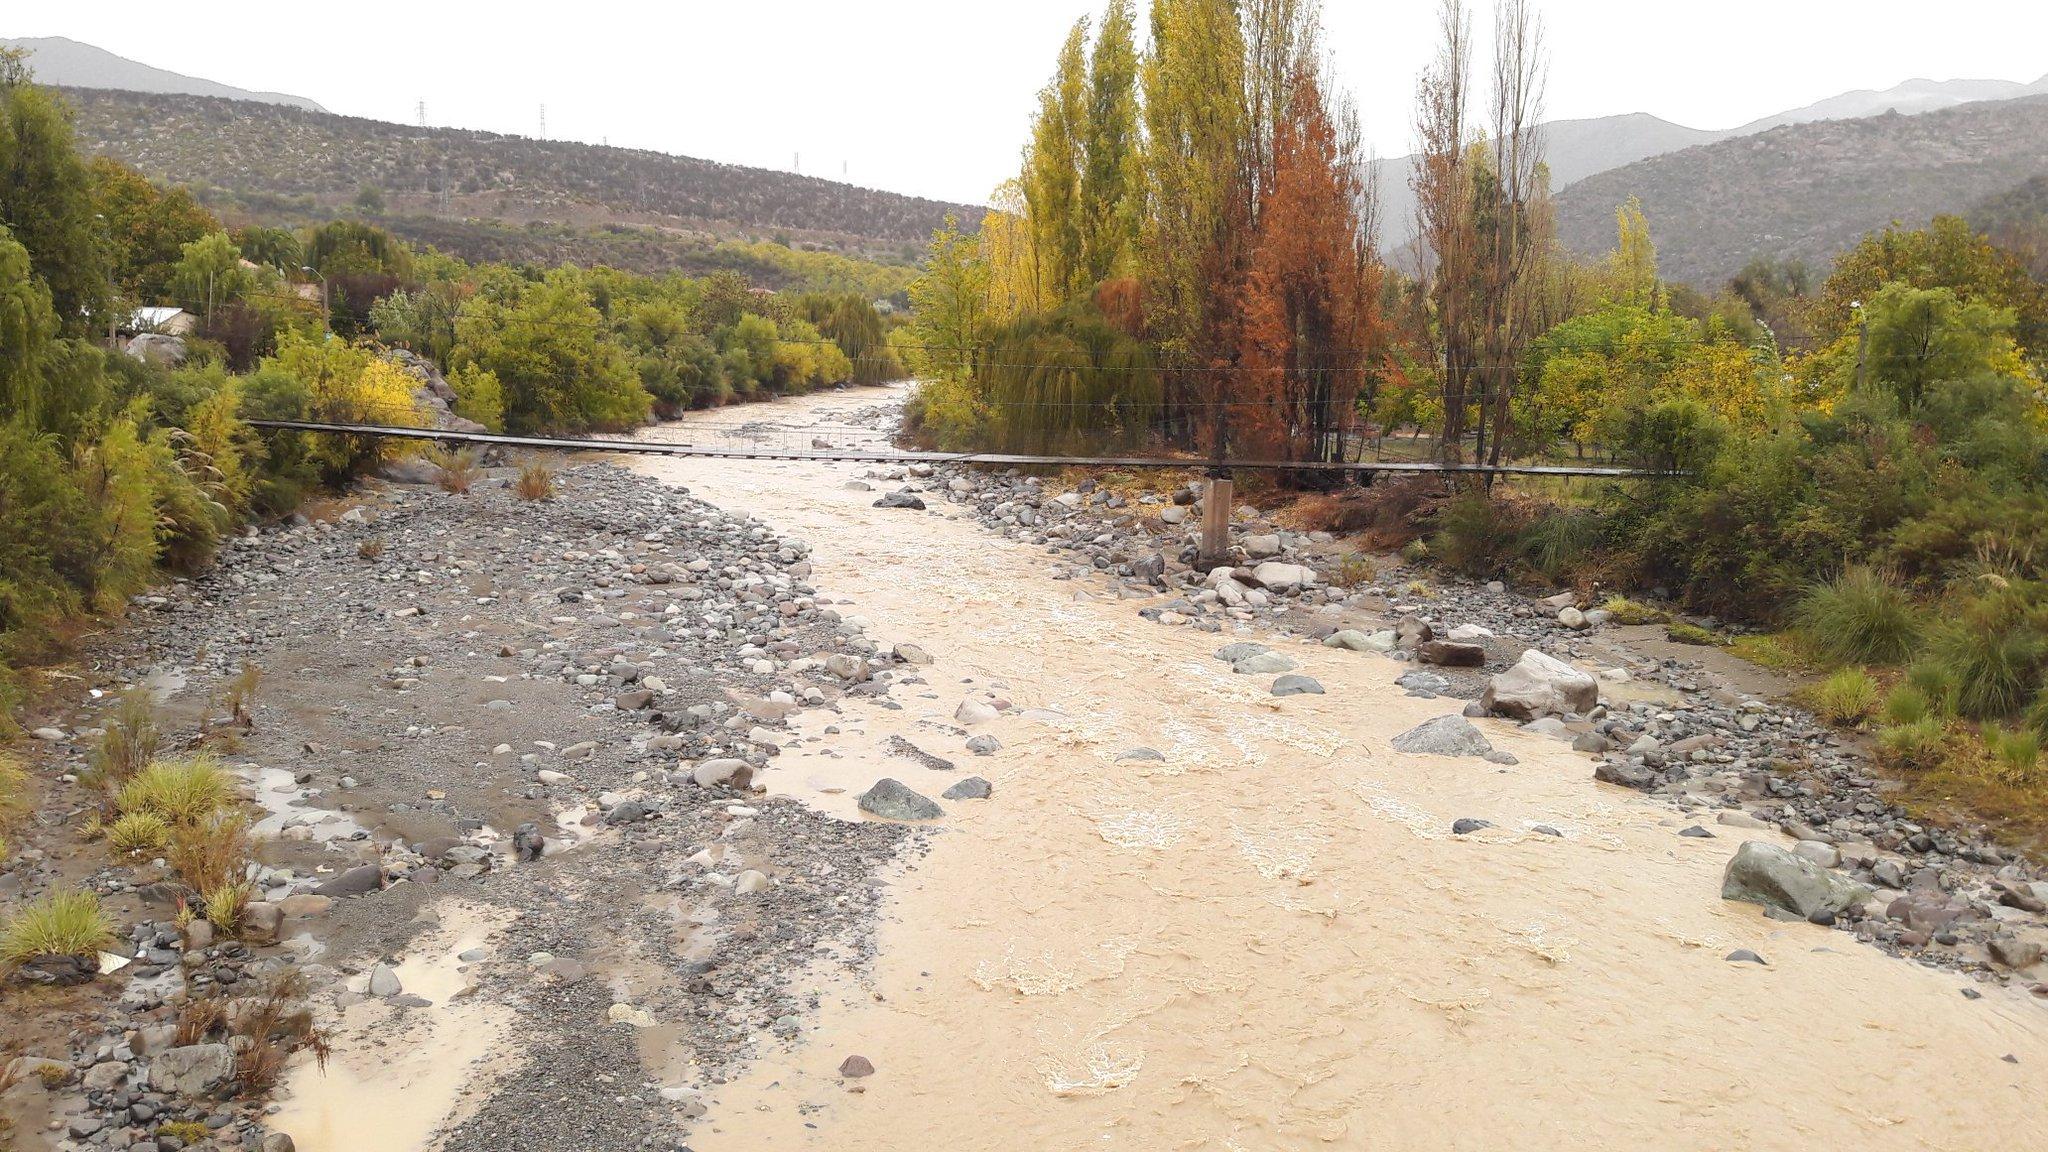 Ahora así está el caudal del río Aconcagua sector ruta nacional los chacalles Los Andes.....tranquilo aunnn https://t.co/1vbAgqTwAf